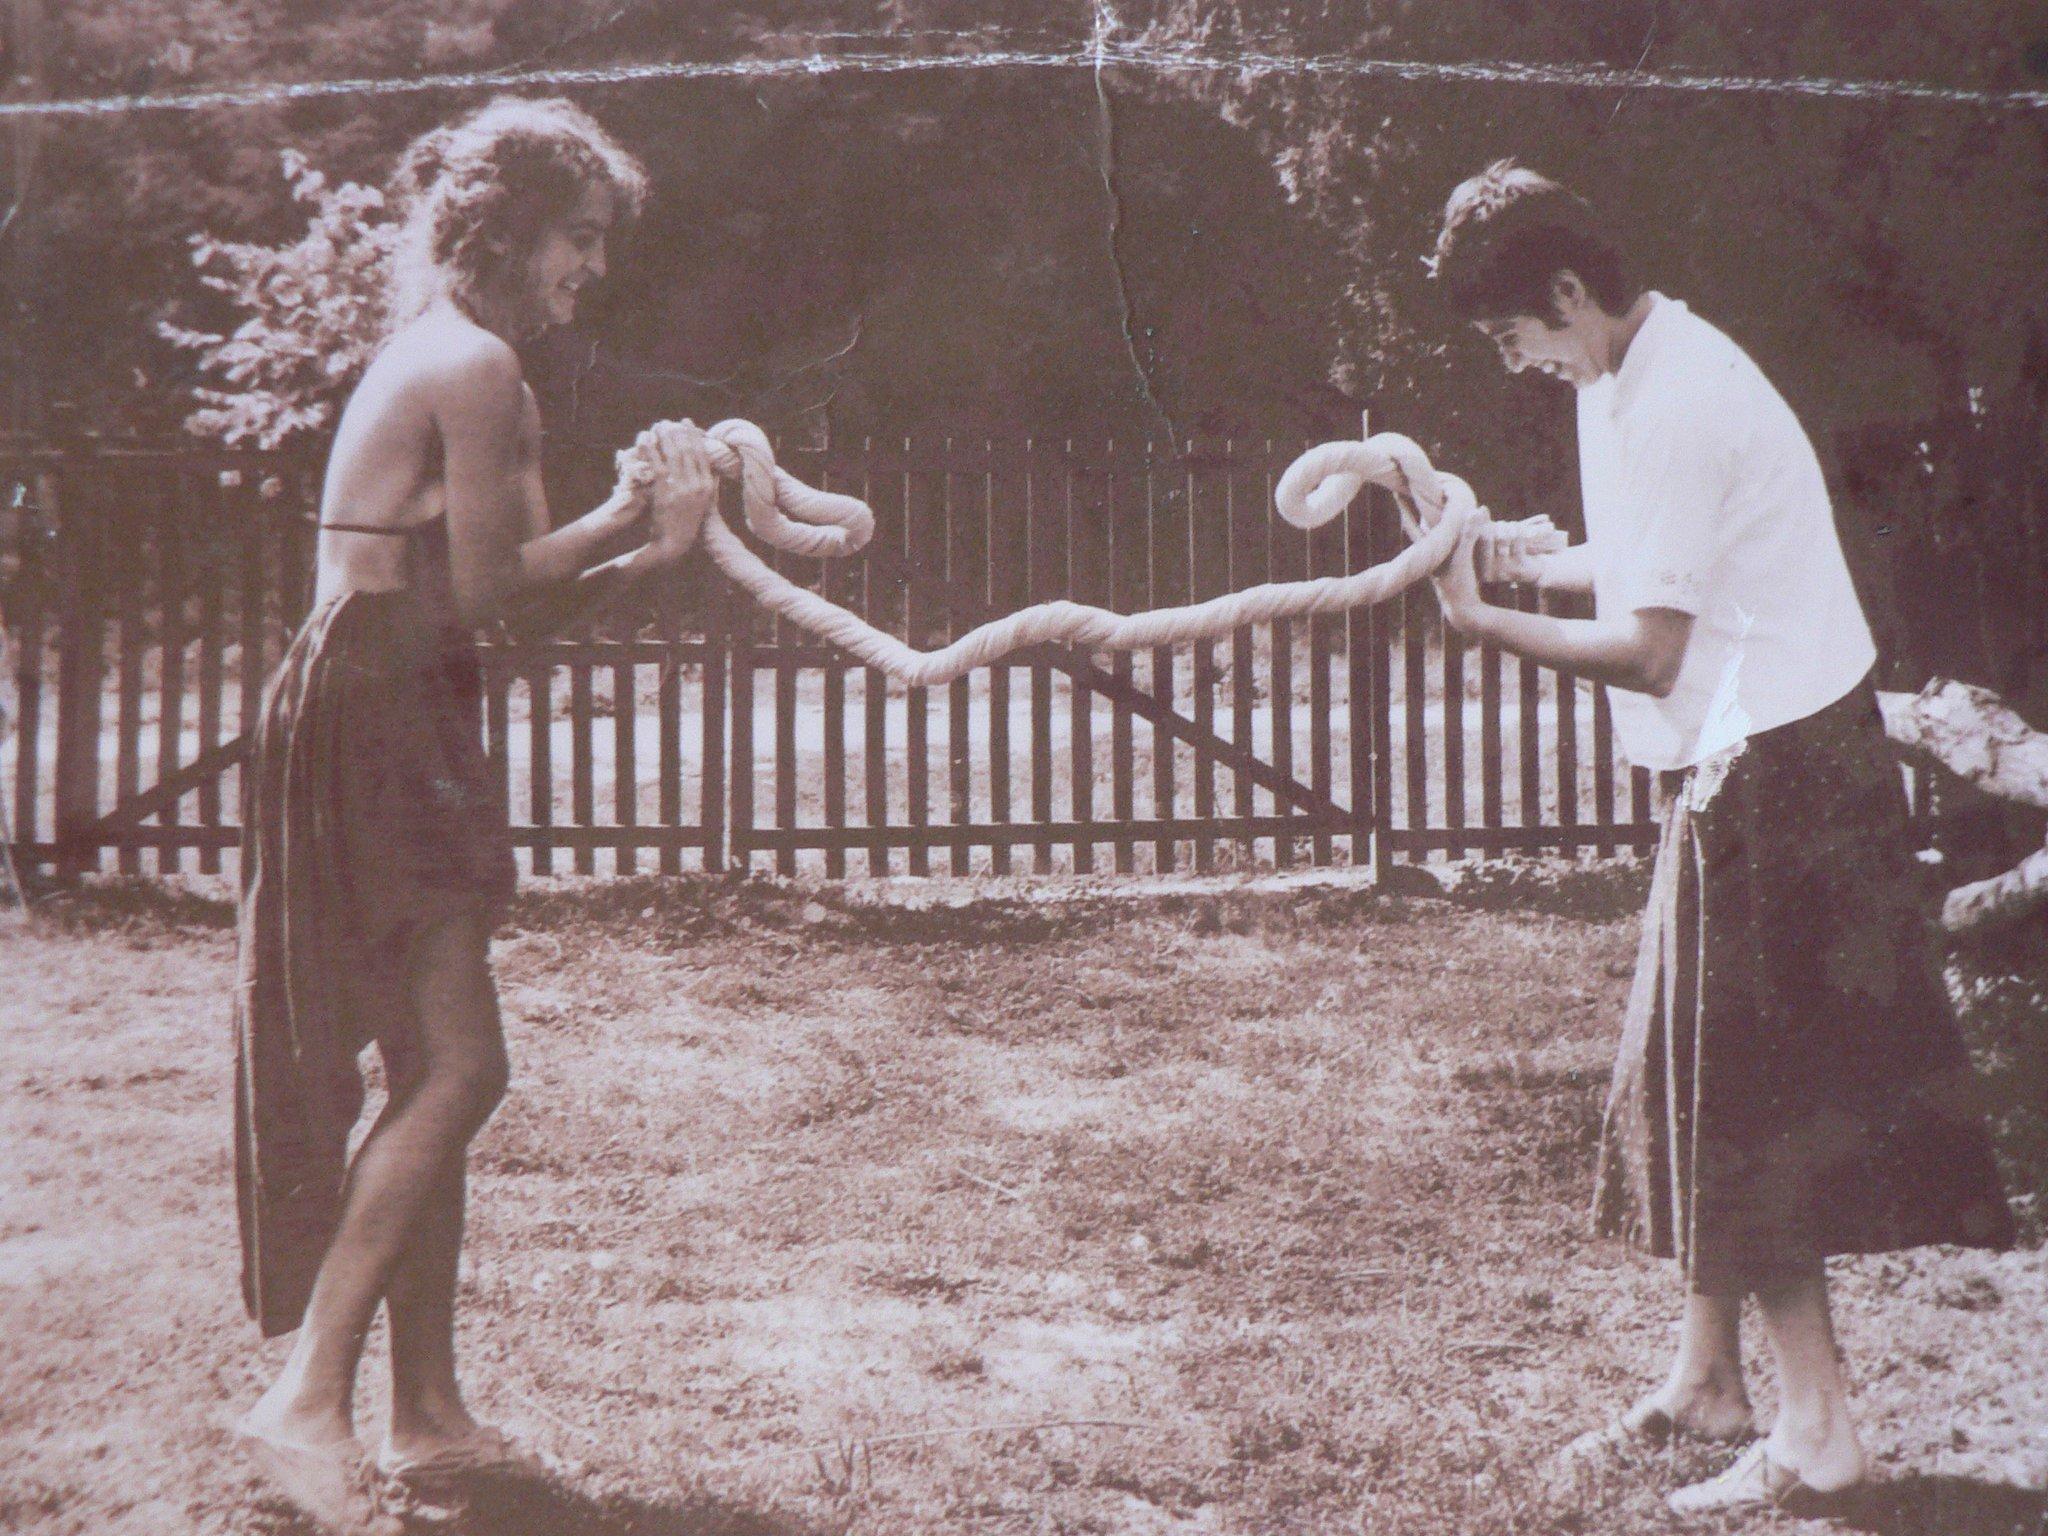 Buday Nagy Anna fazekas és Lovas Kata textiles 1982-ben, Nagylukafán. Forrás: nepiiparmuveszet.blog.hu